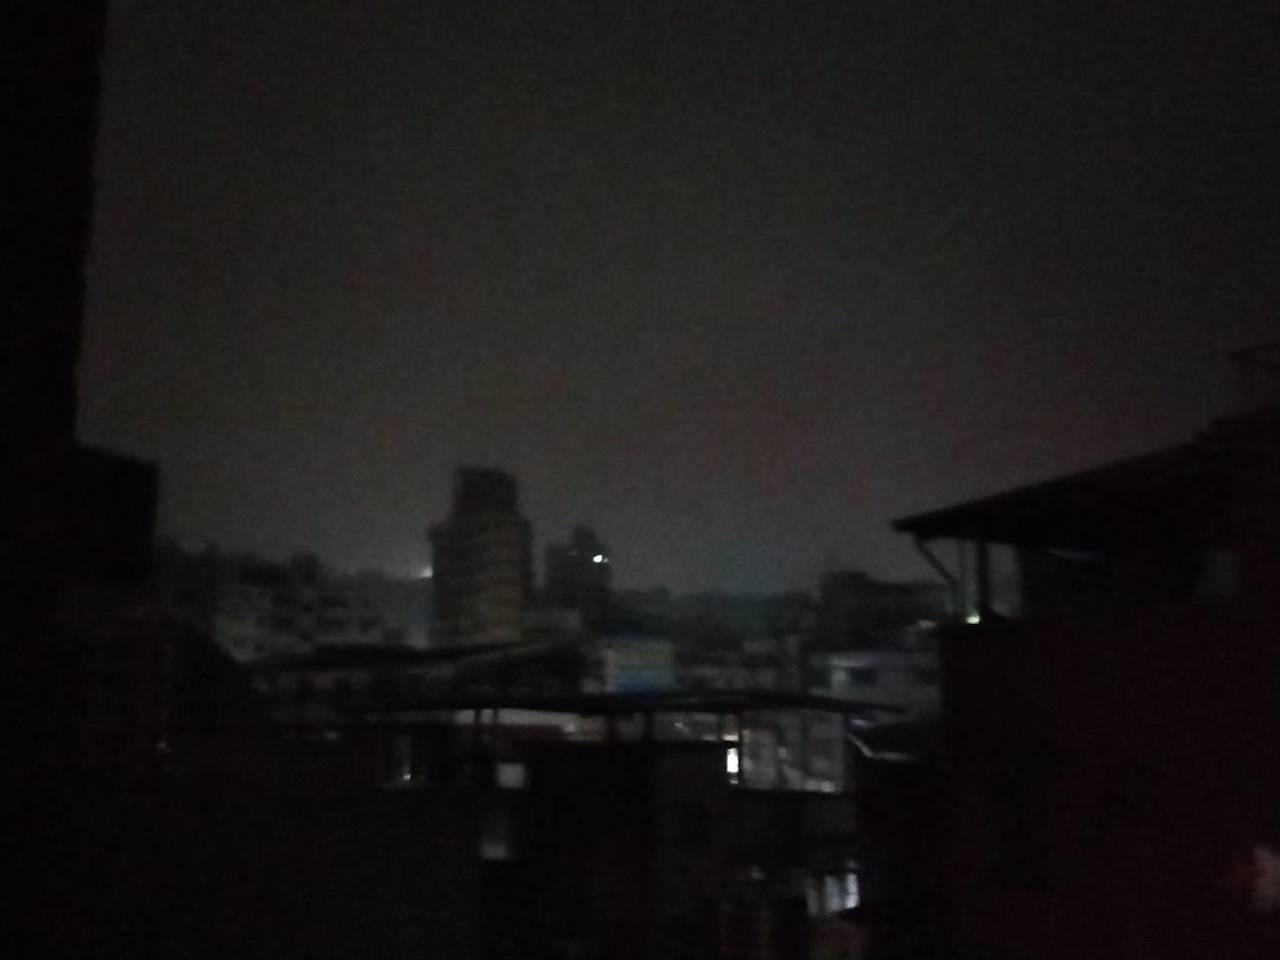 基隆今晚有間歇性大雨,圖為市區下雨情景。記者游明煌/攝影